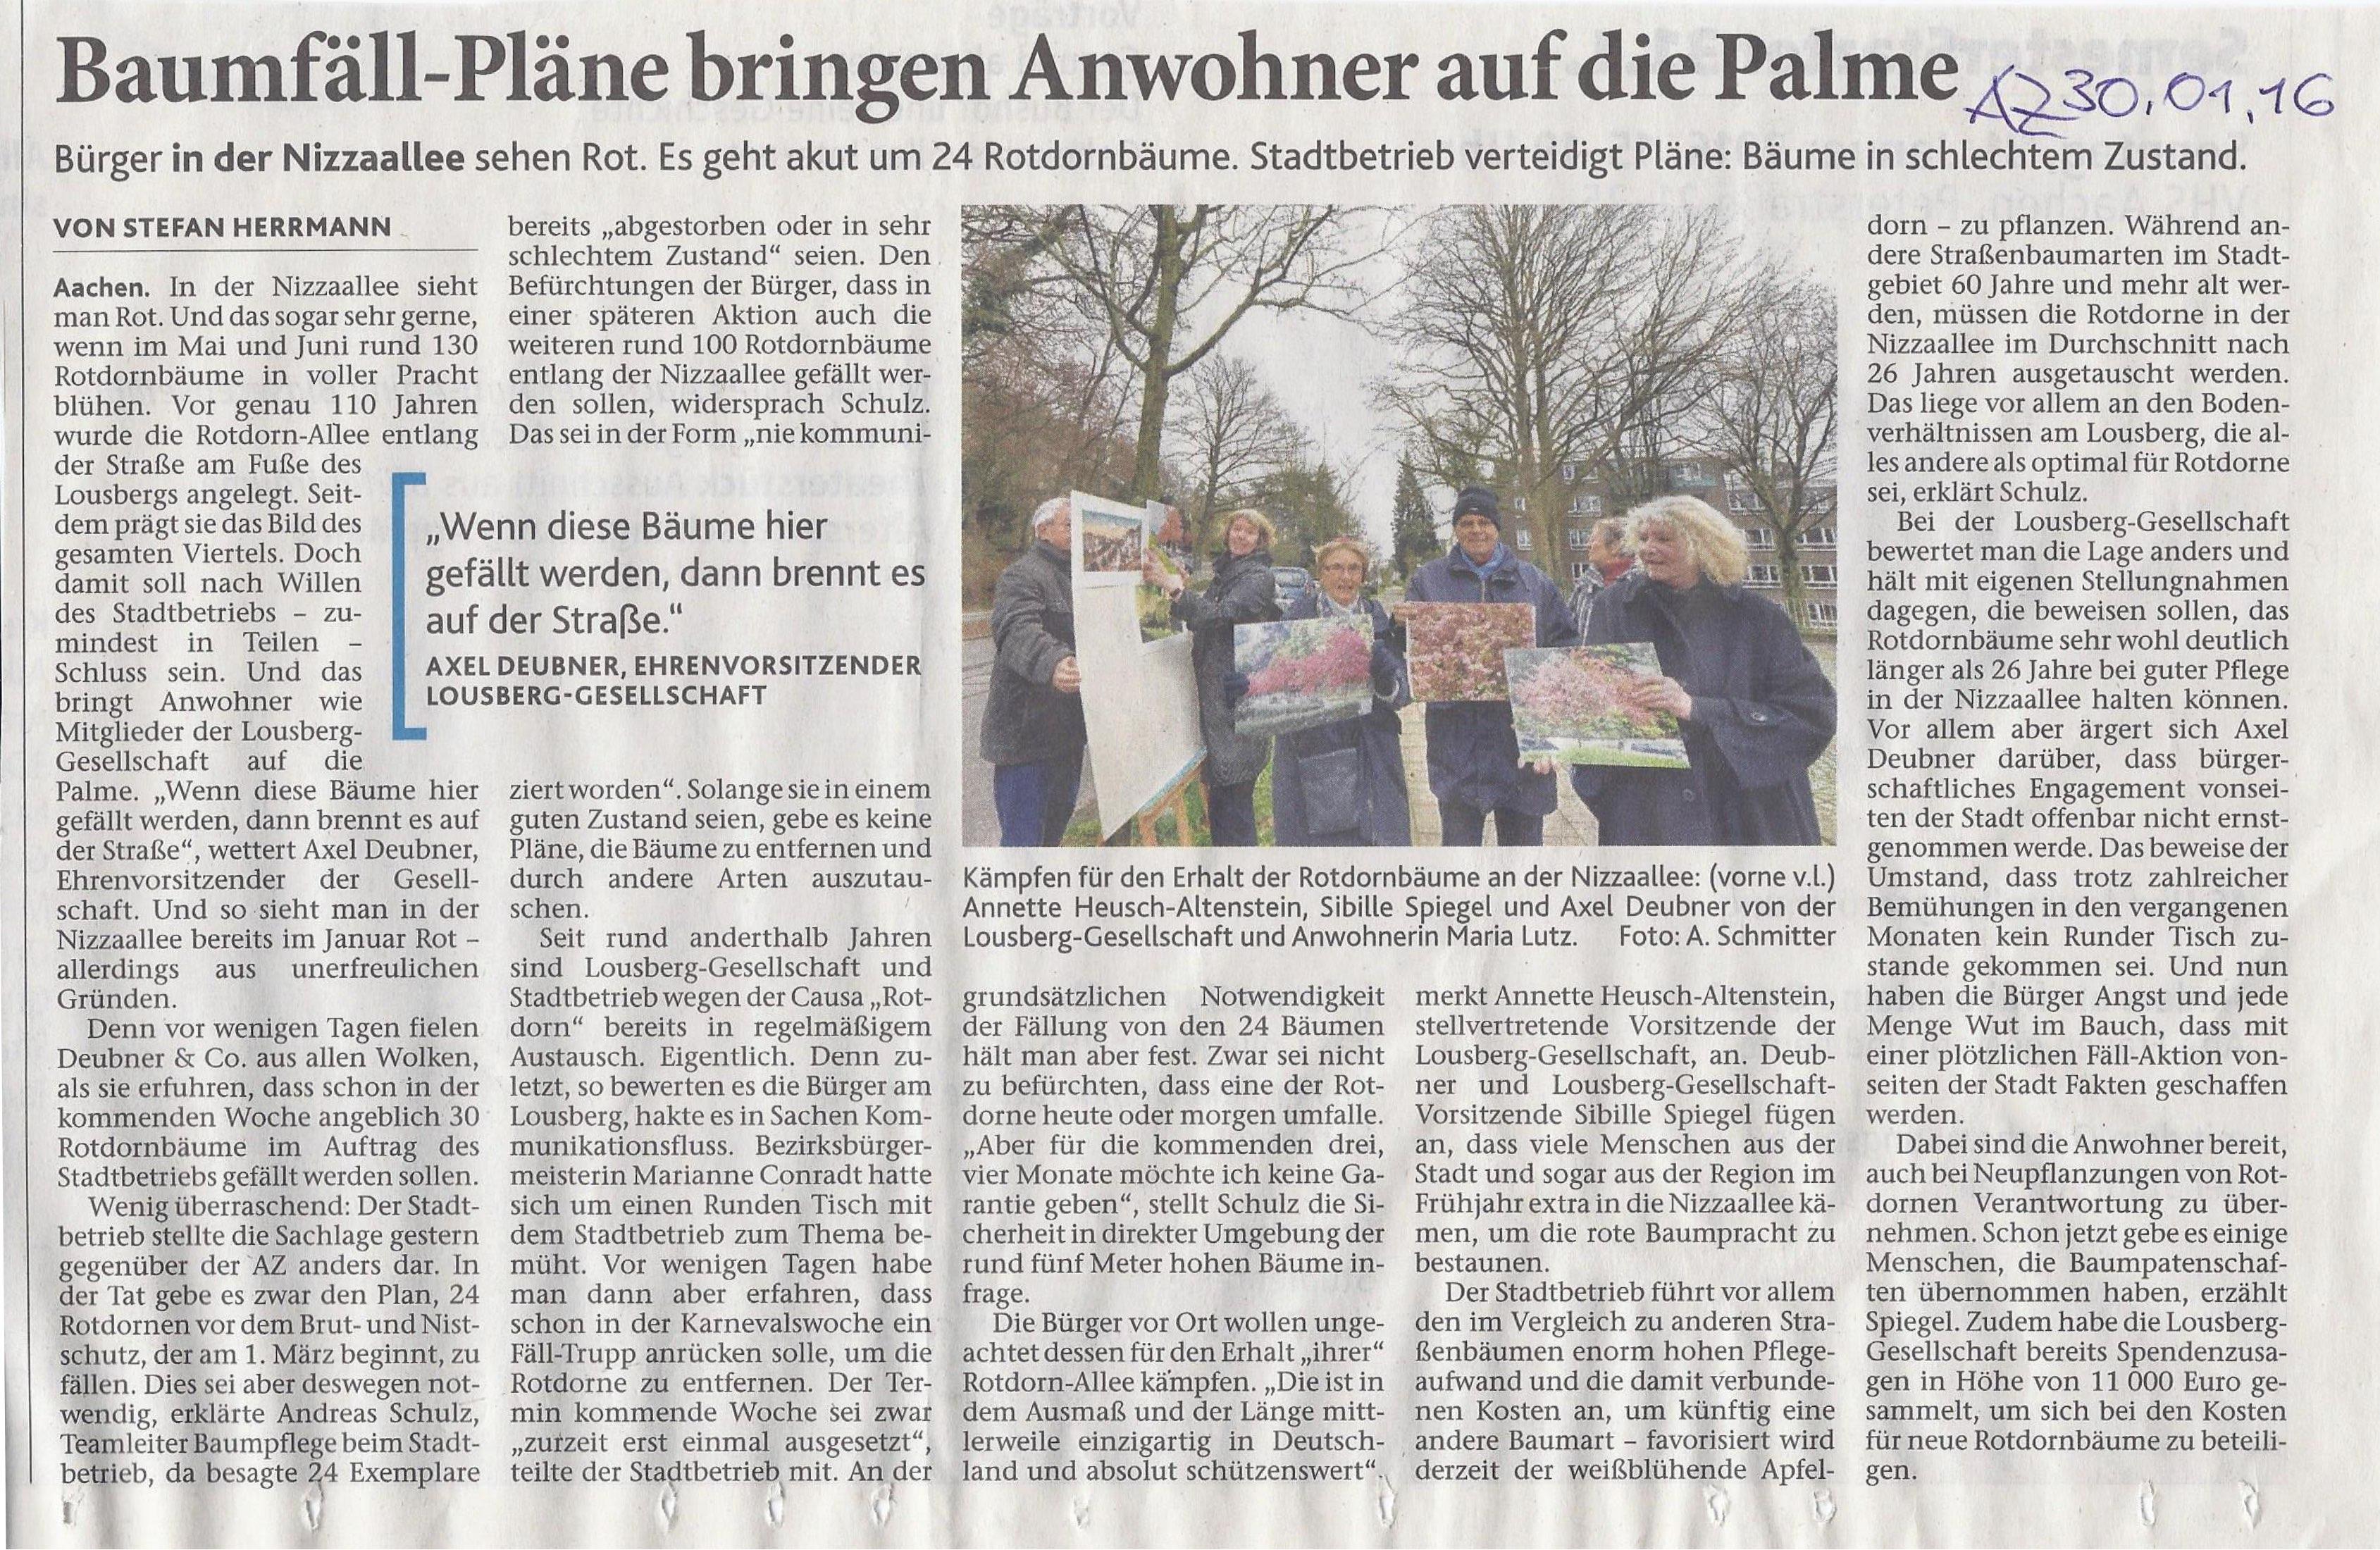 """mit freundlicher Genehmigung der Aachener Zeitung: """"Baumfäll-Pläne bringen Anwohner auf die Palme"""" vom 30.01.2016"""